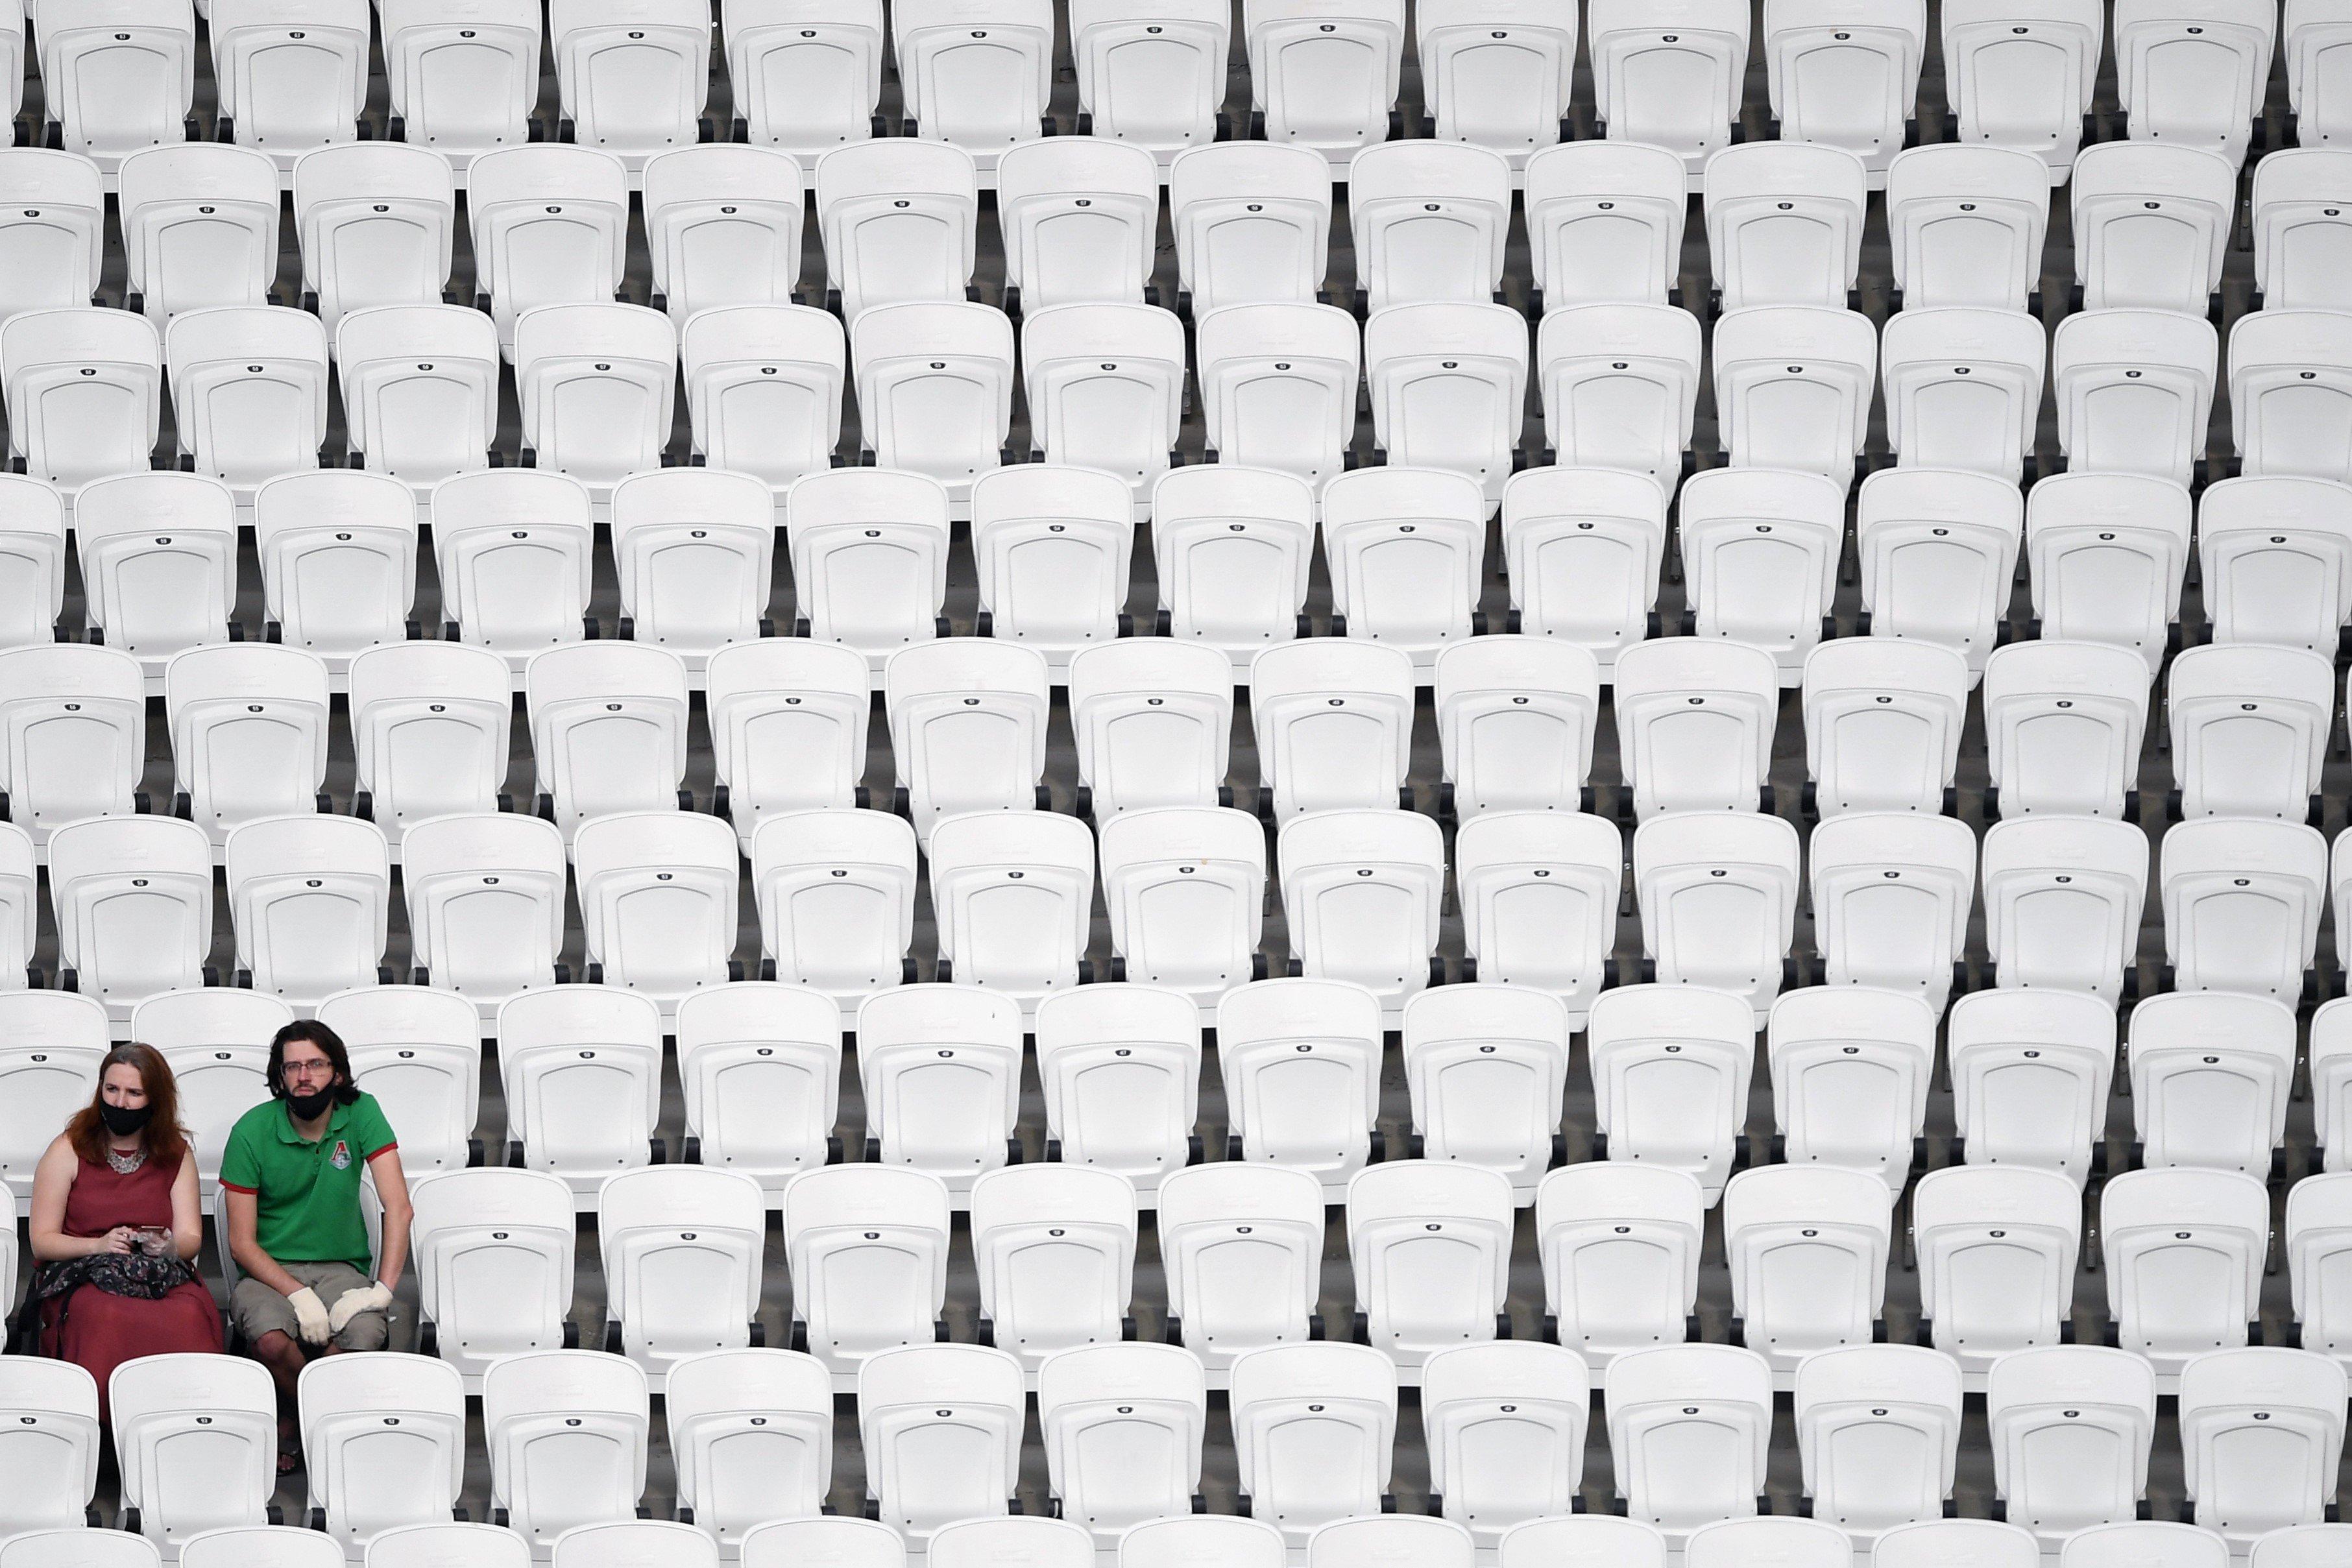 УЕФА разрешил допуск 30% зрителей на матчи еврокубков и сборных